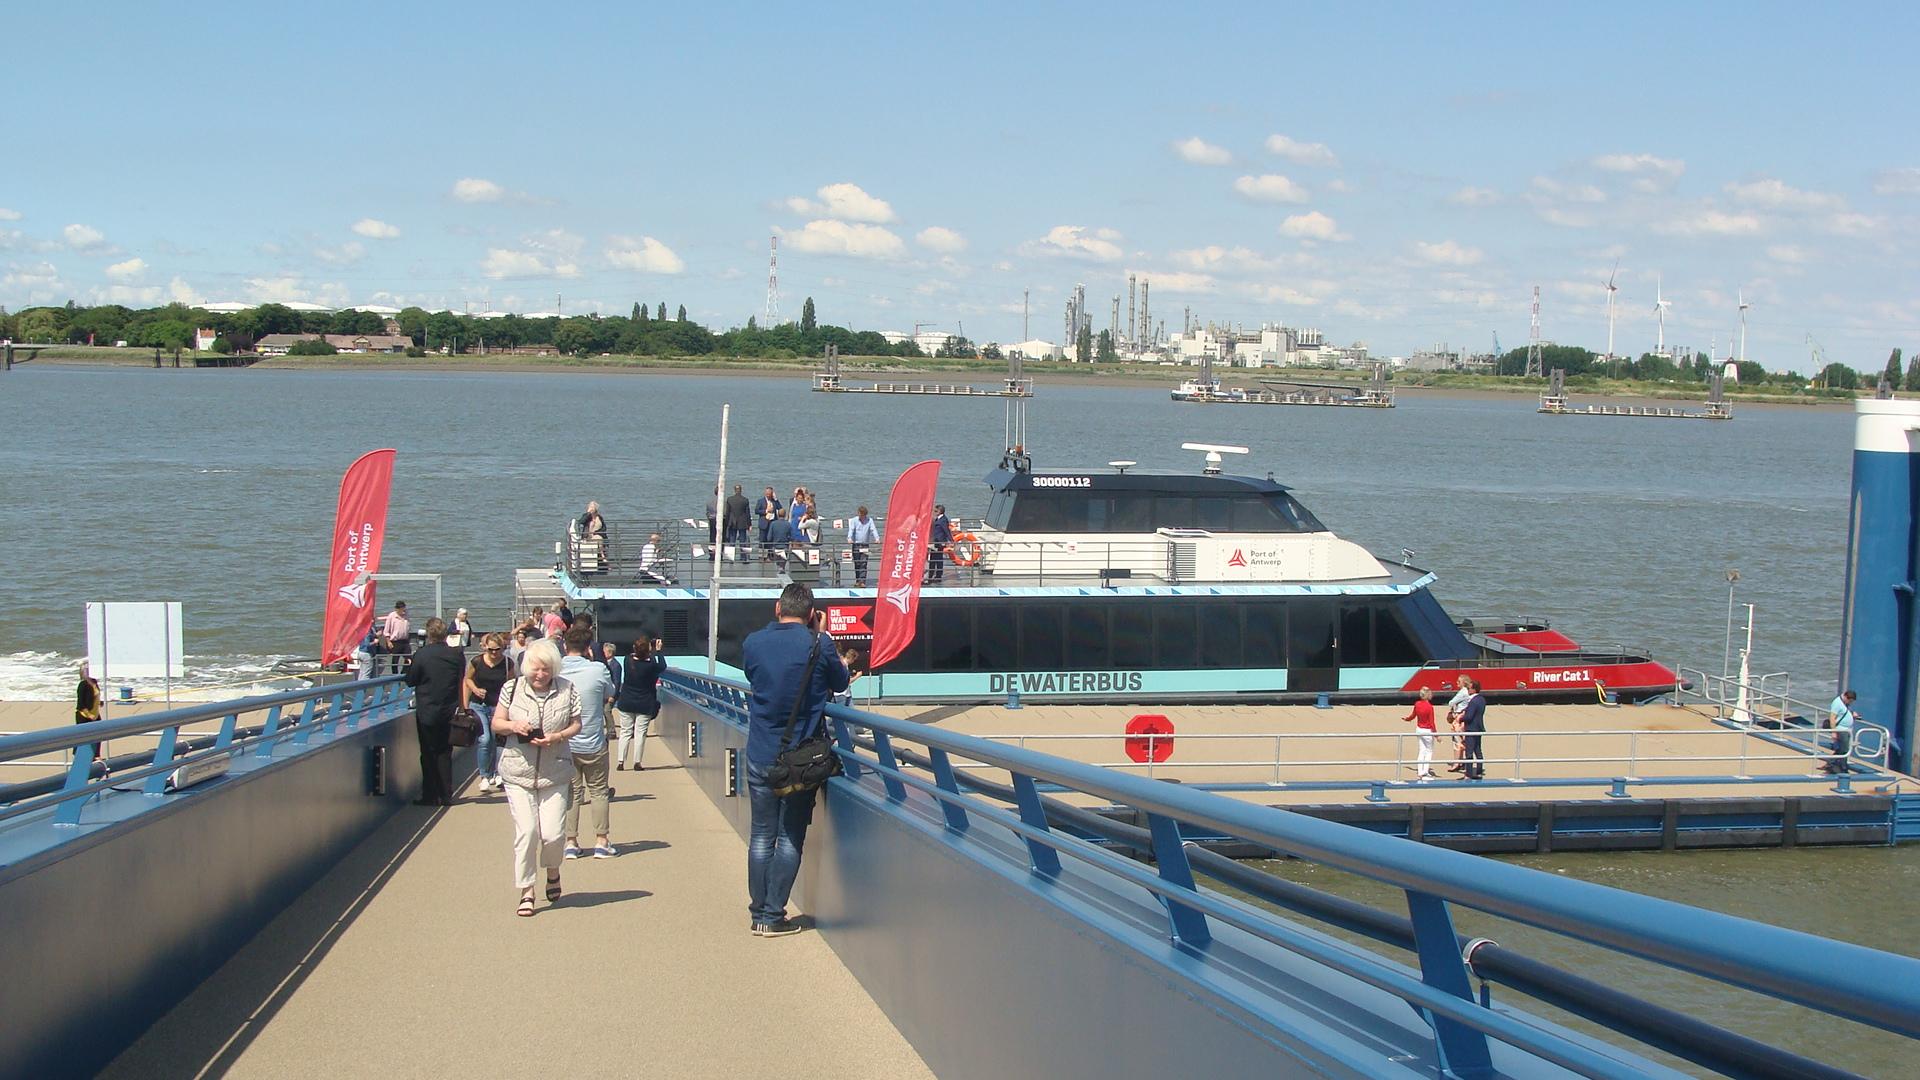 Vanaf 1 juli met DeWaterbus naar Lillo en het Poldermuseum